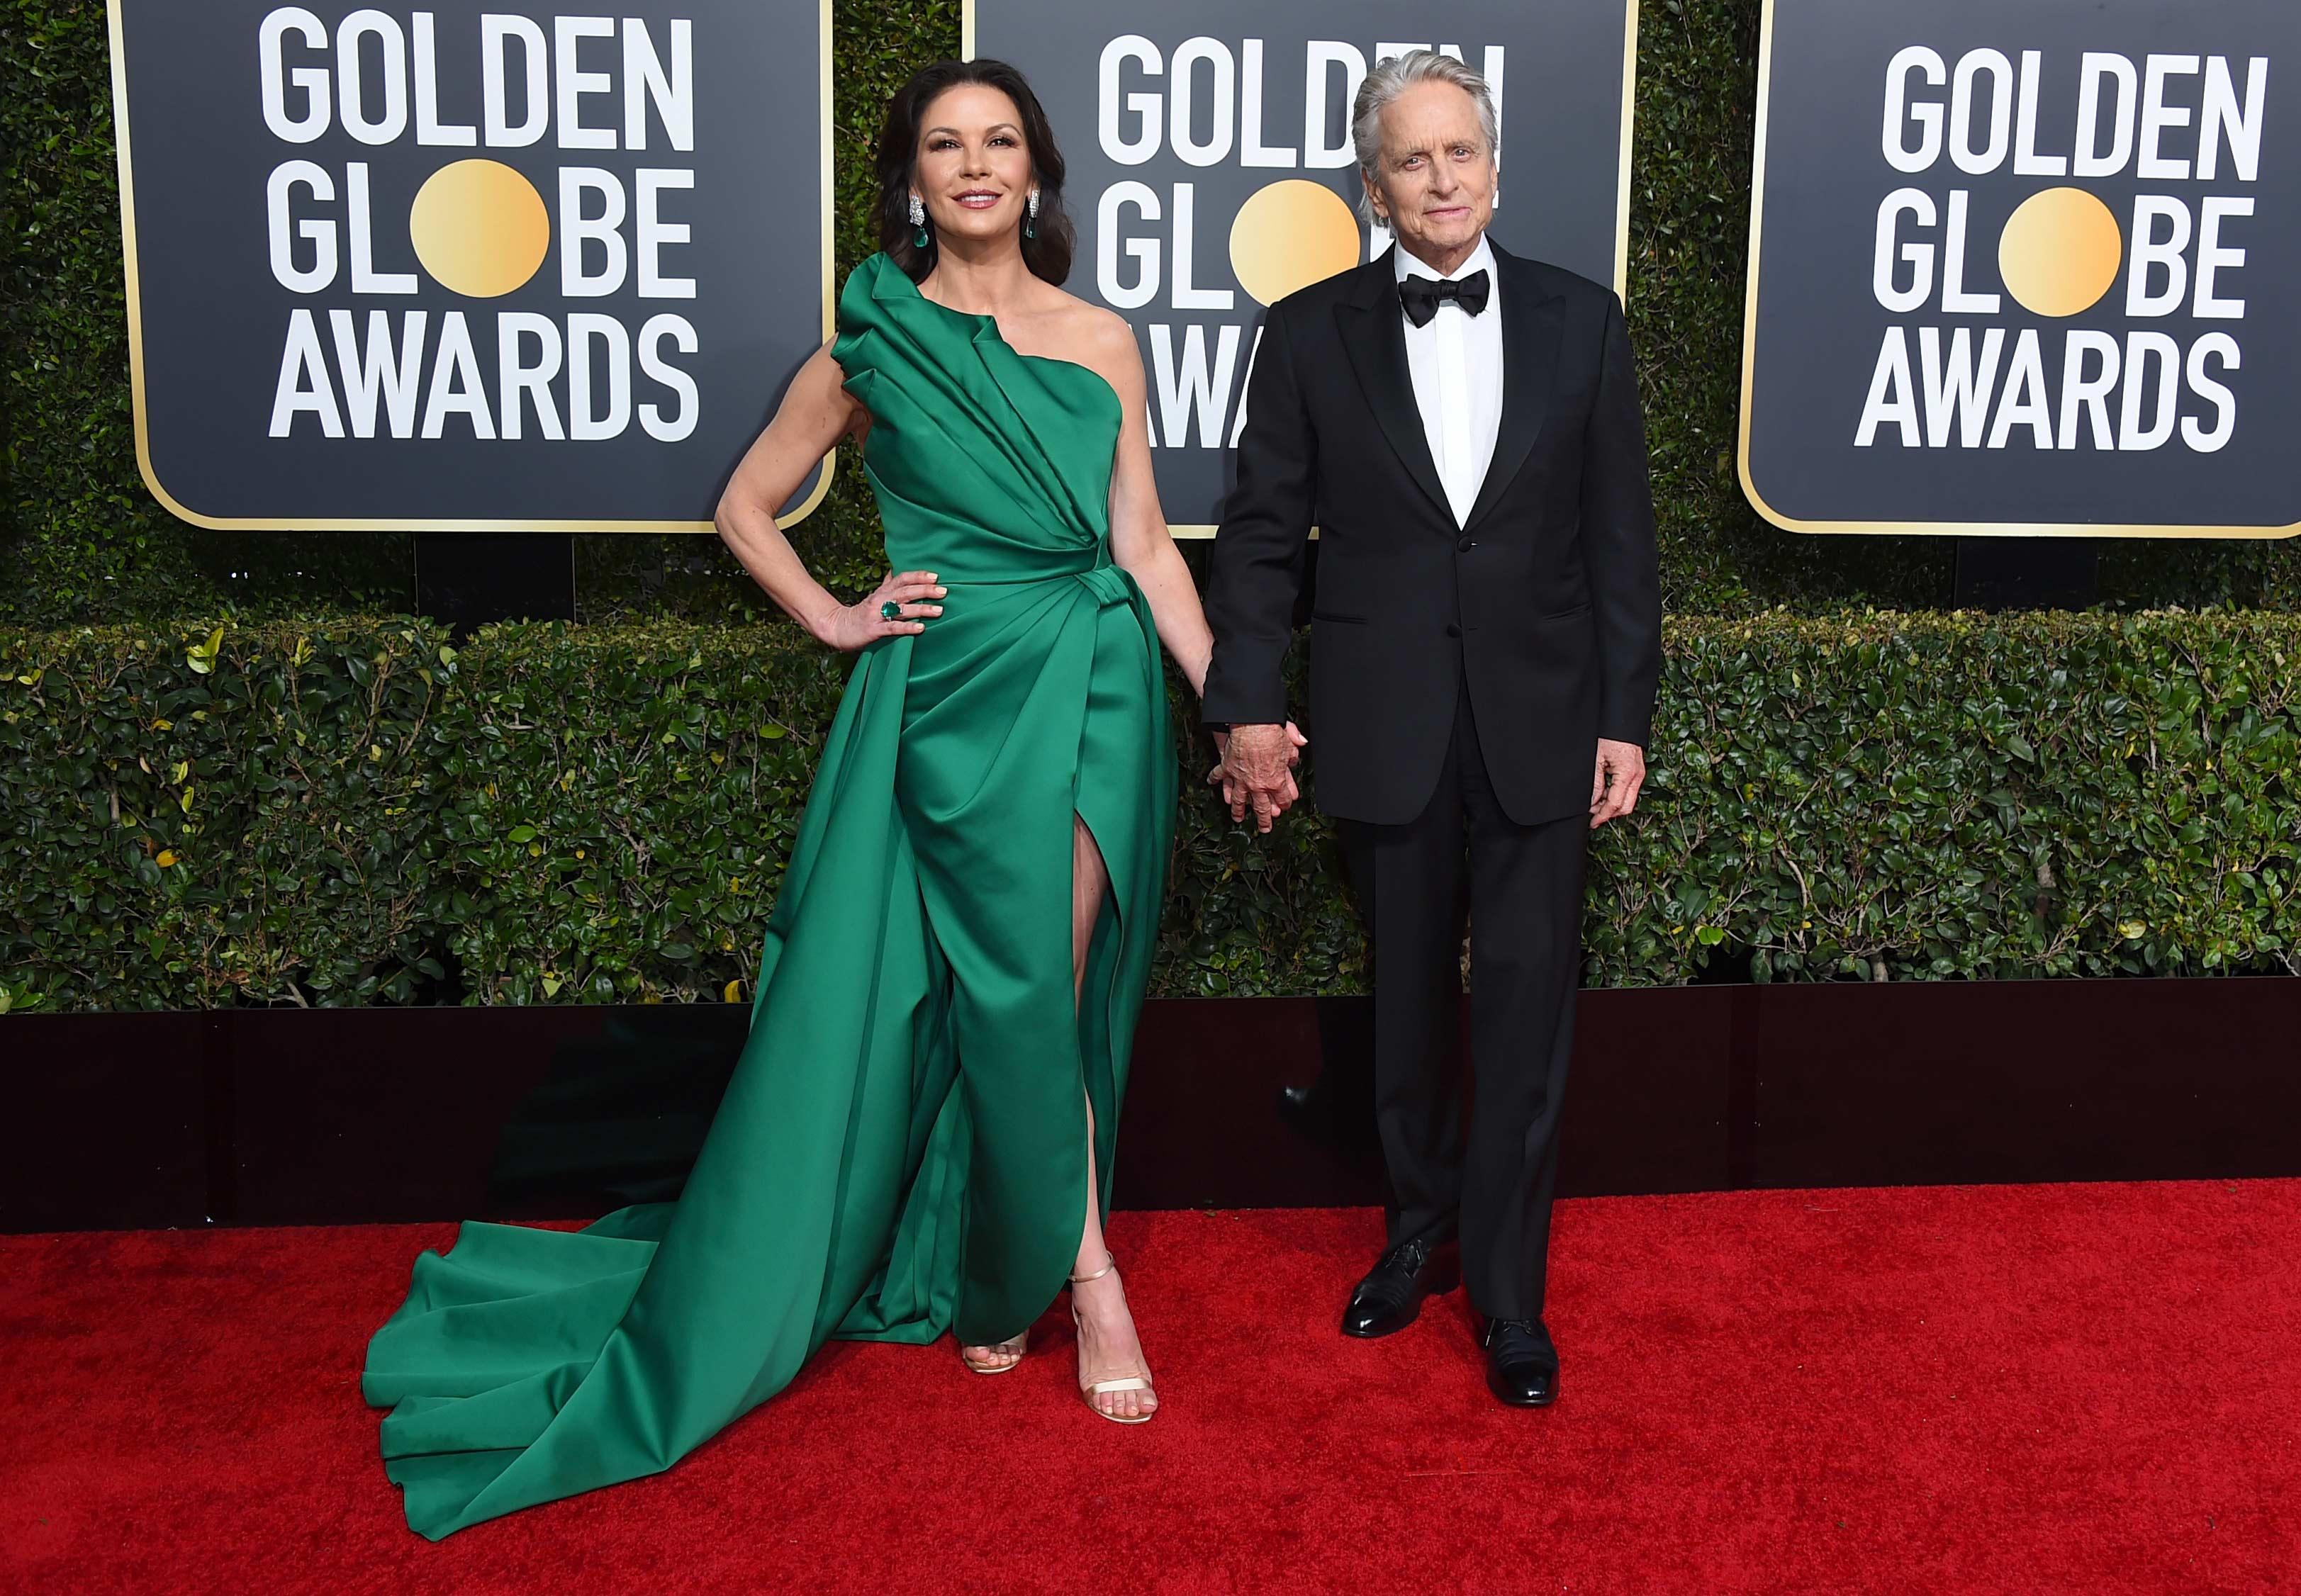 Catherine Zeta Jones y Michael Douglas enfrentaron las cámaras en los Golden Globe, luego de que en 2018 el actor fuera acusado de acoso sexual. El actor es uno de los premiados. (Foto: AP)